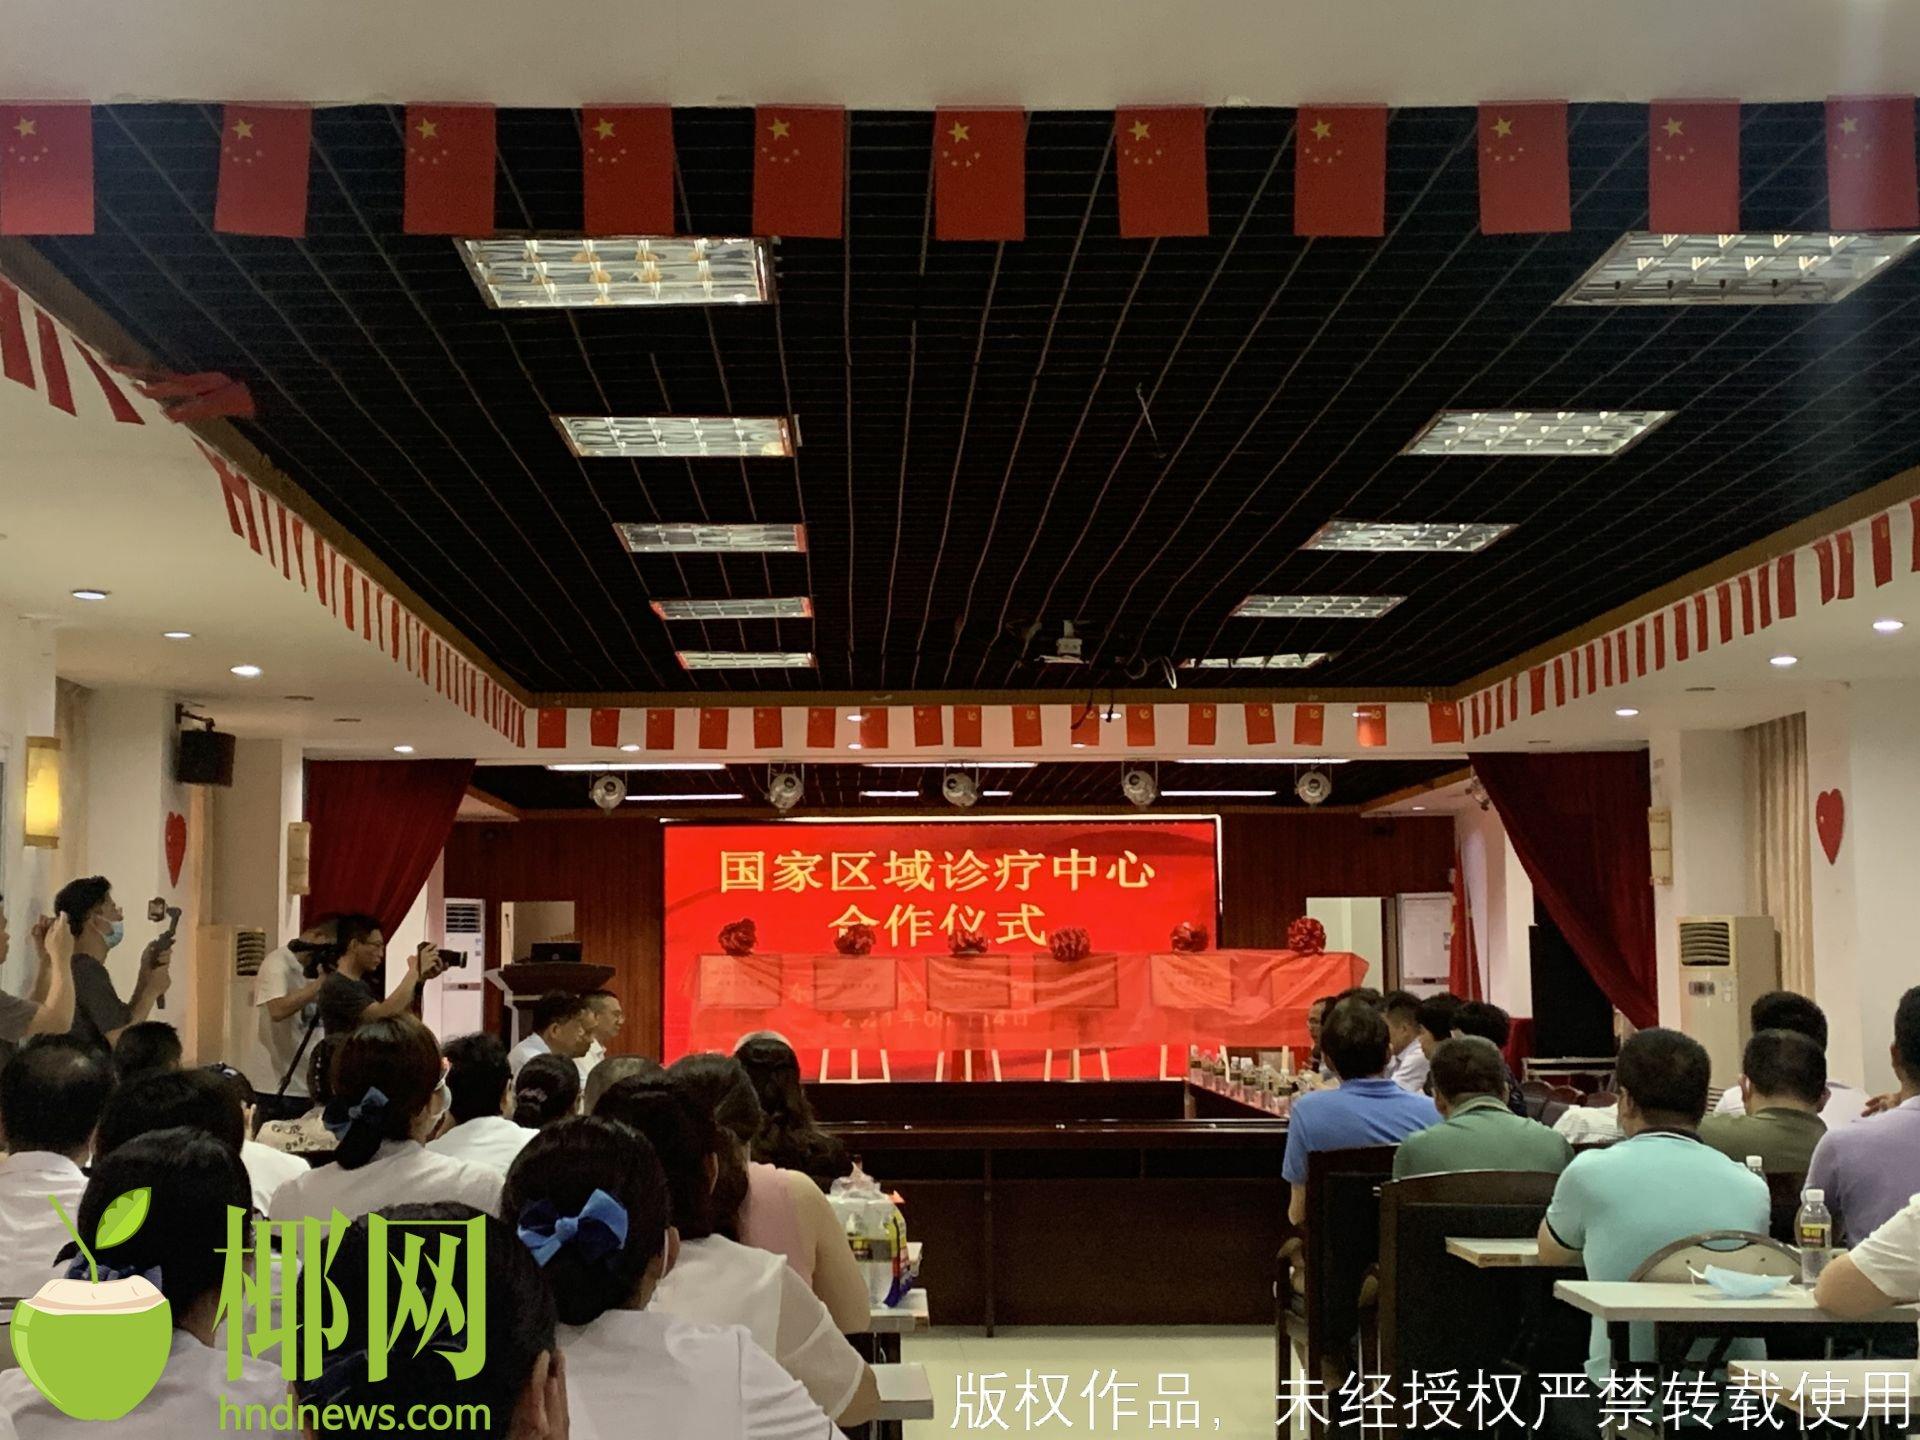 六大国家区域(华南)中医诊疗中心分中心落地海南省中医院